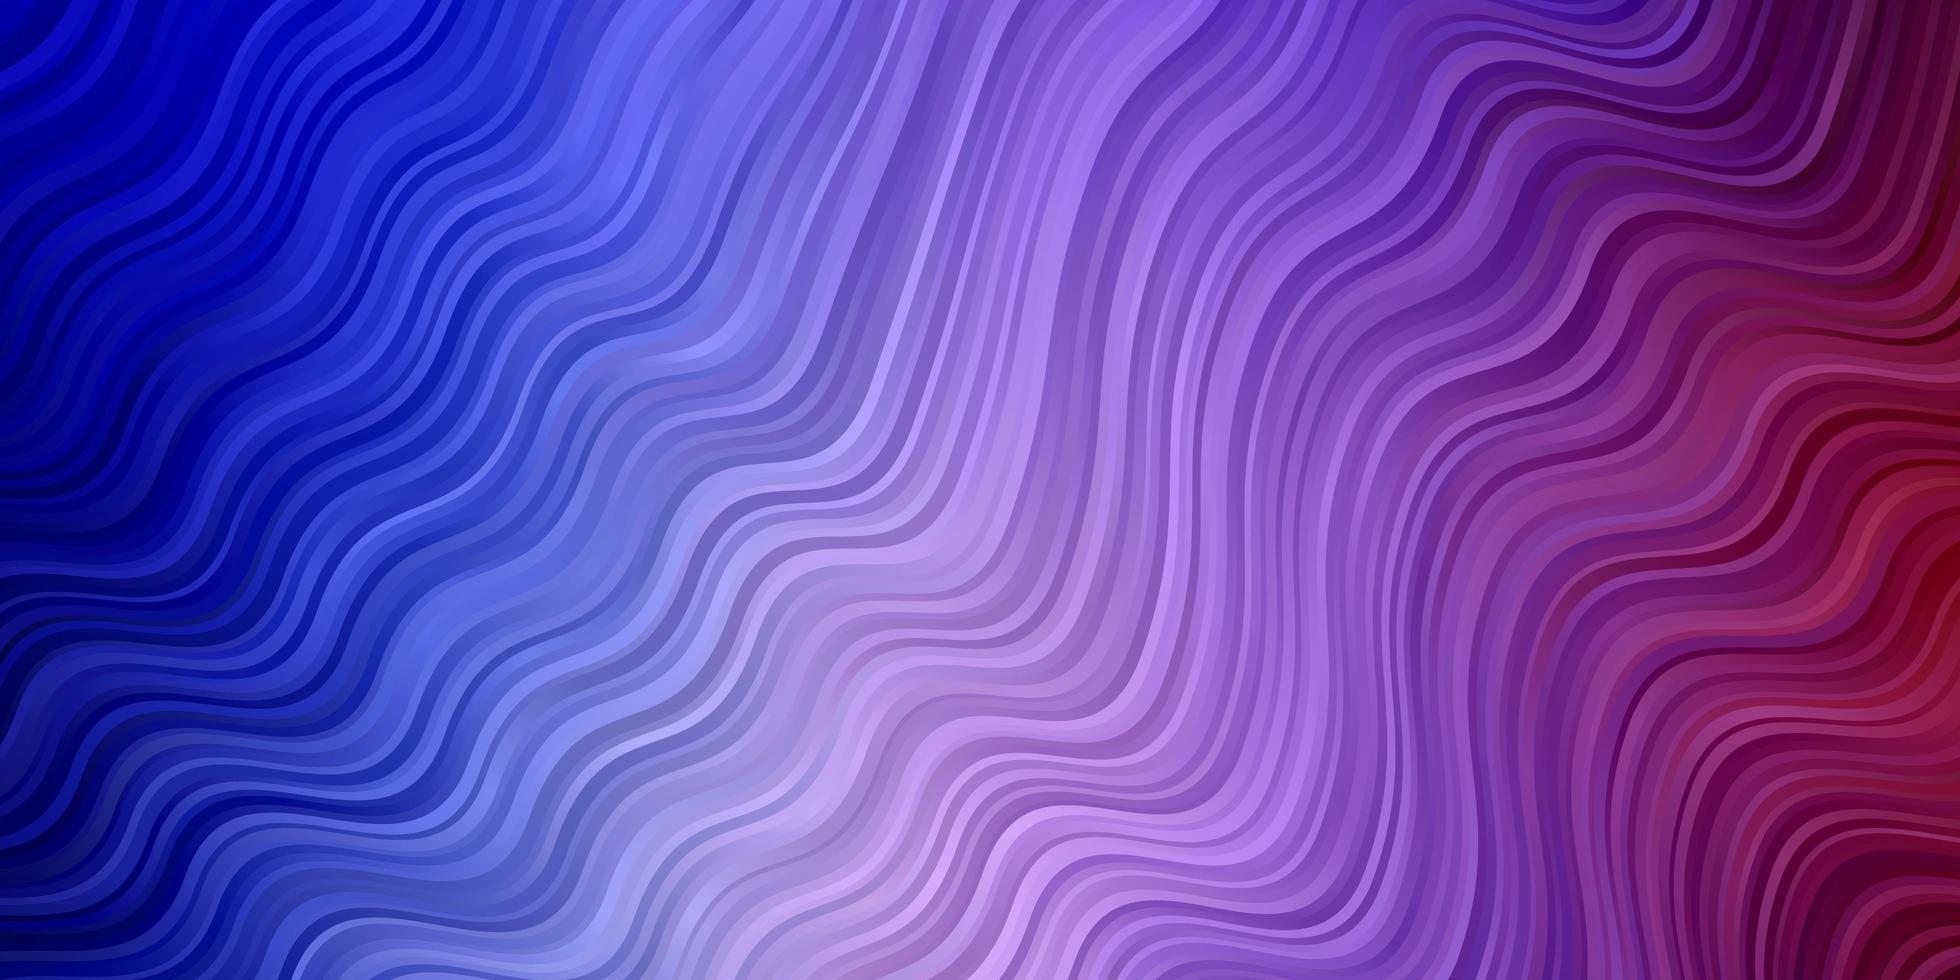 pano de fundo vector azul e vermelho claro com curvas.